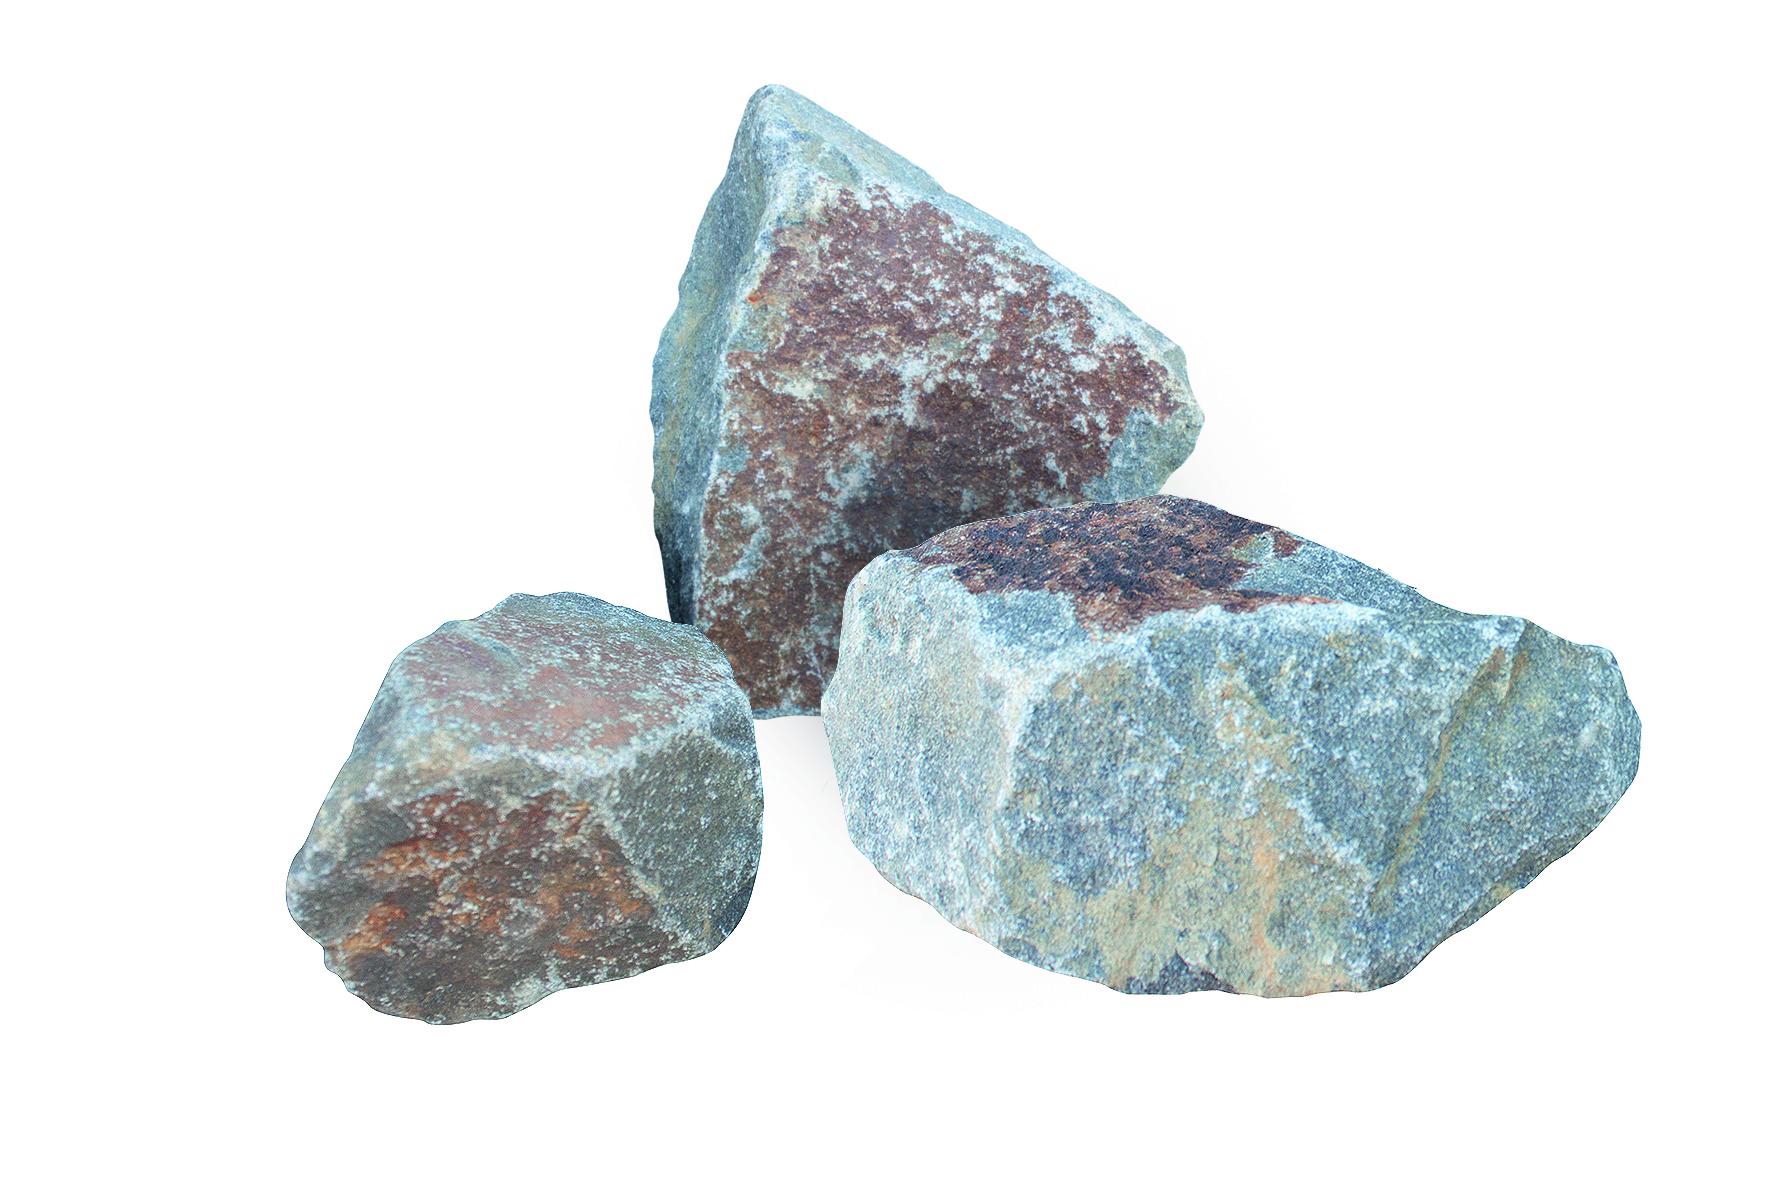 Wasserbausteine grau-blau, 100-300